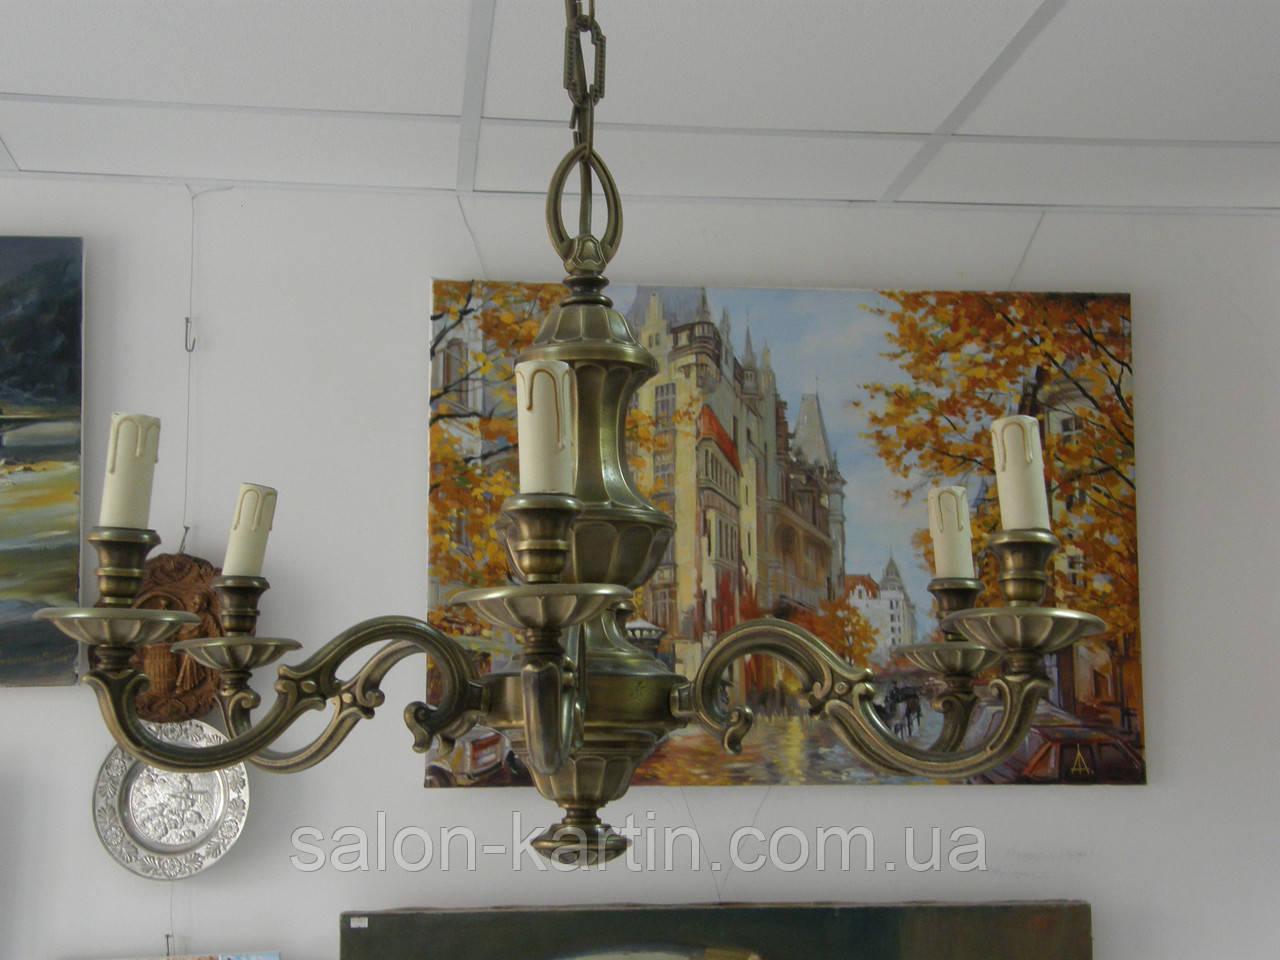 Бронзова Люстра (6 плафонів-свічок)